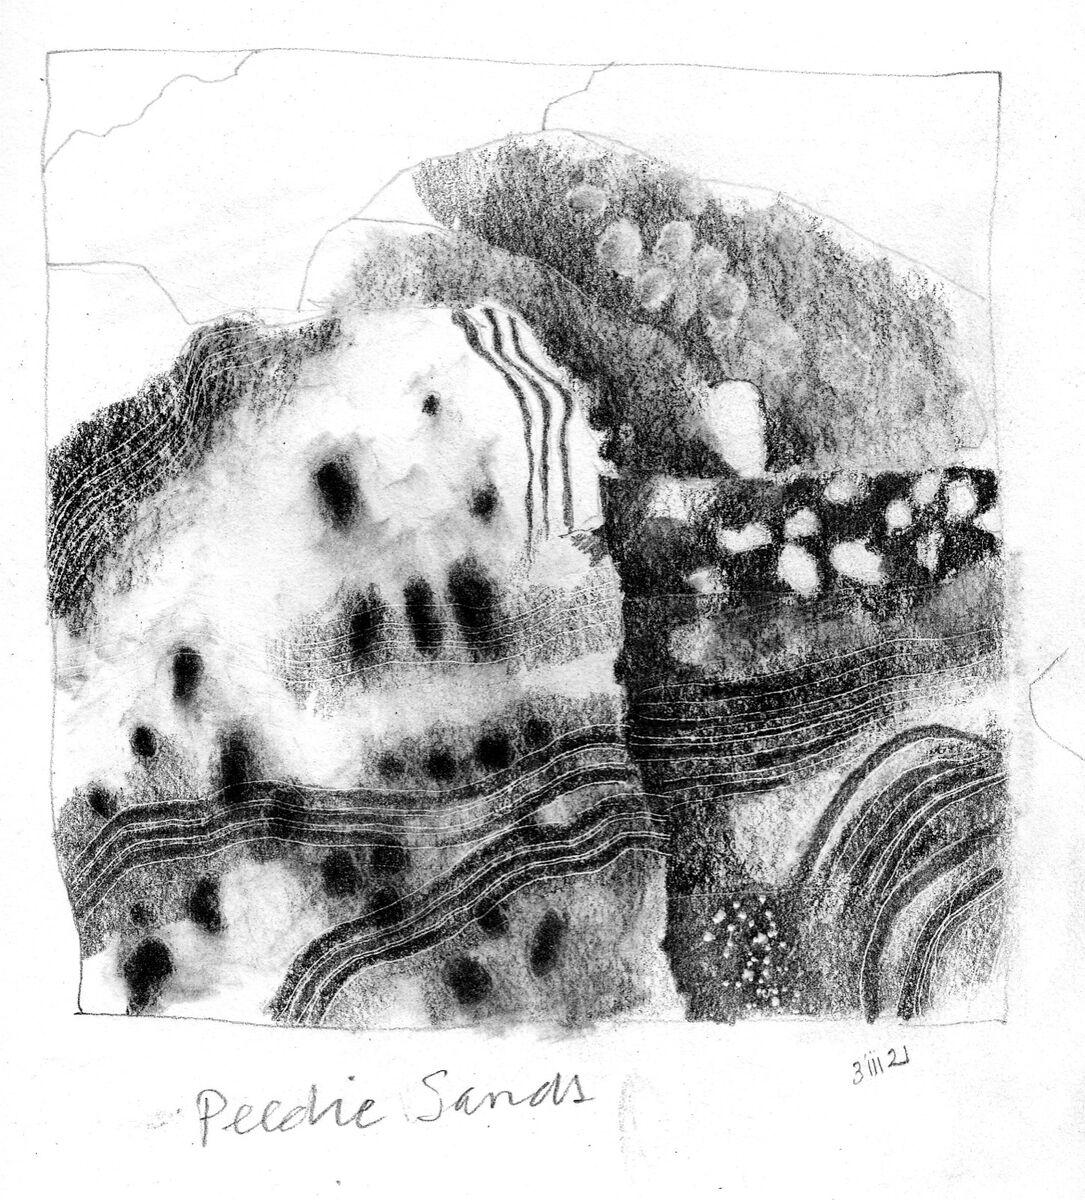 Peedie Sands 1